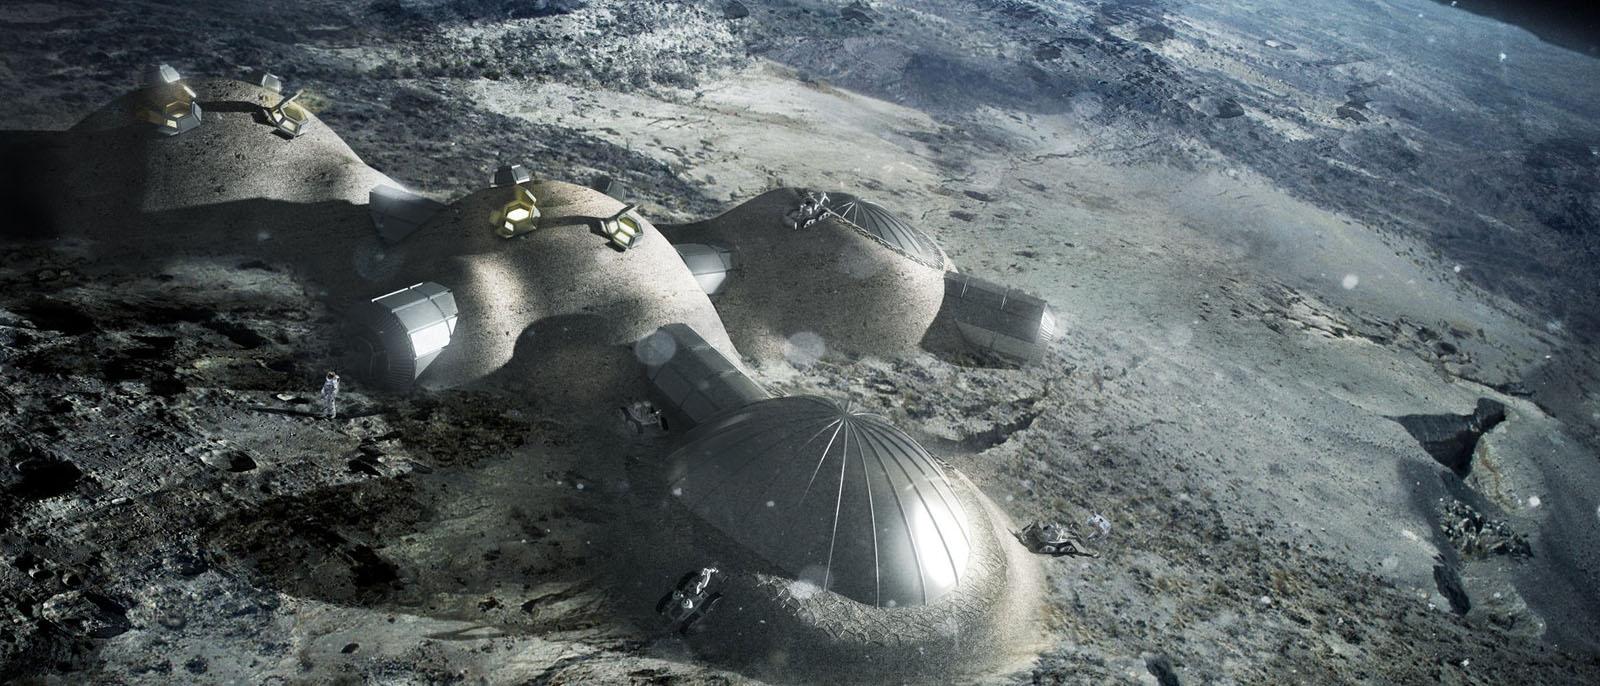 Zukünftige Mondbasen könnten aus Urin-Beton gebaut werden